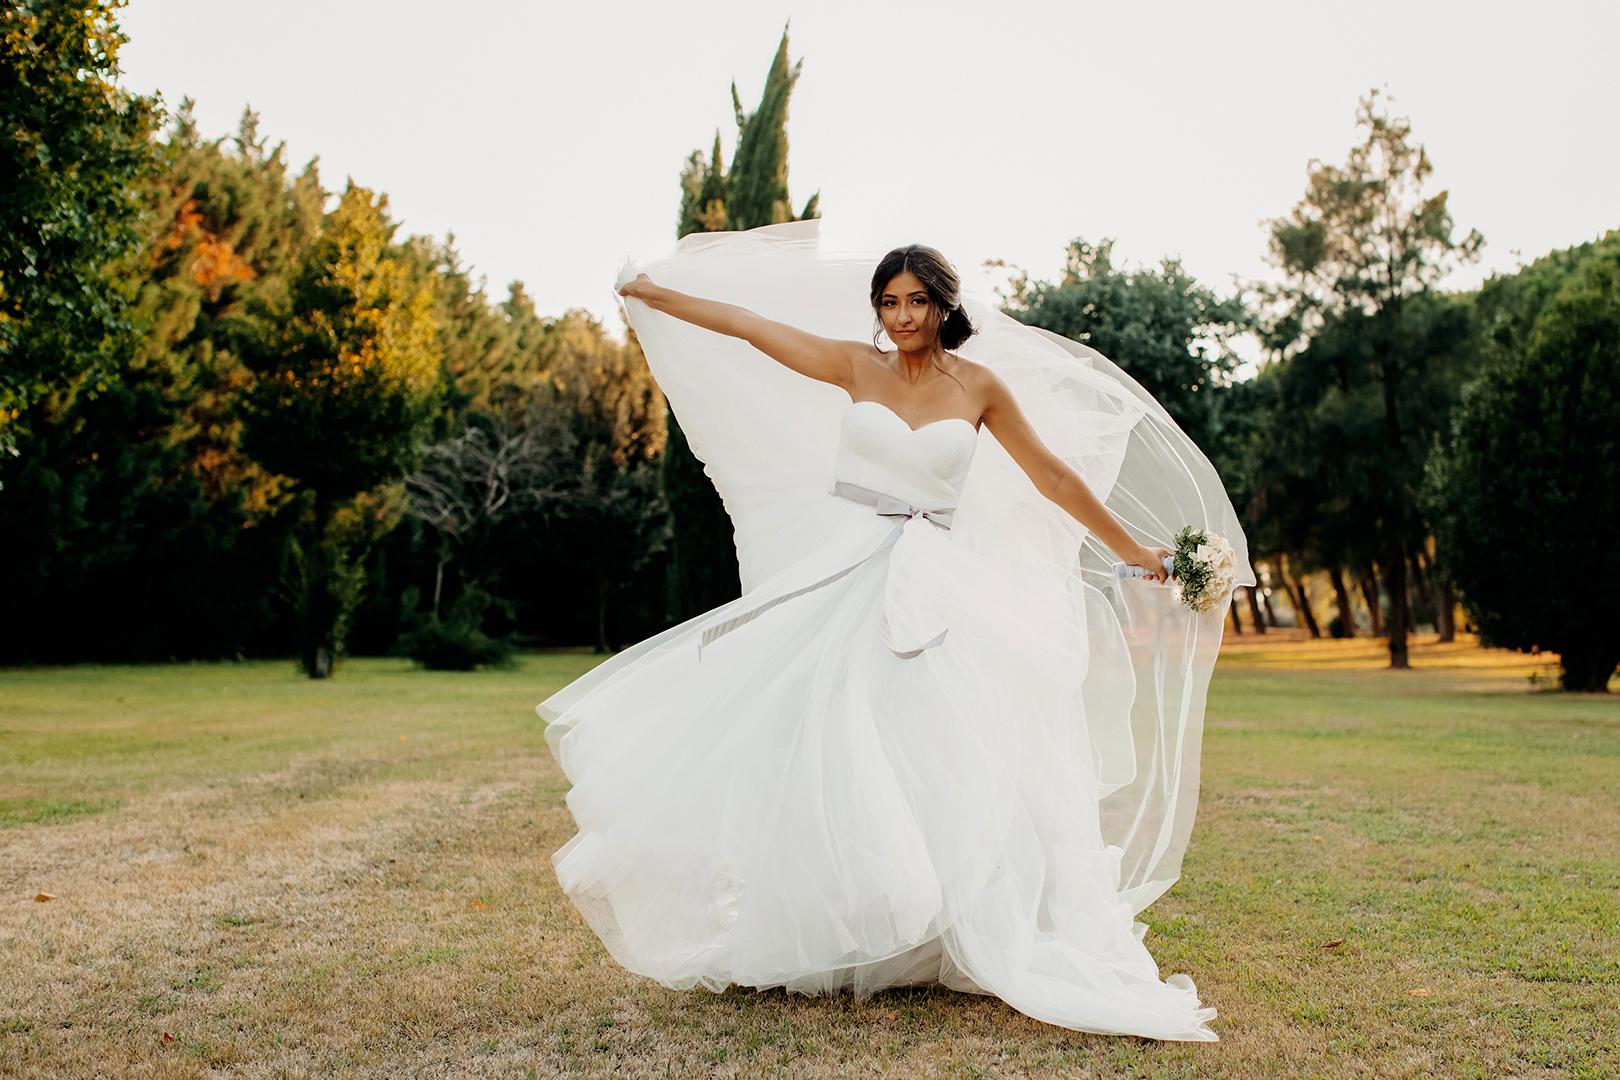 67 gianni-lepore-fotografo-torre-andriana-foggia-sposa-bride-ritratto-foto-